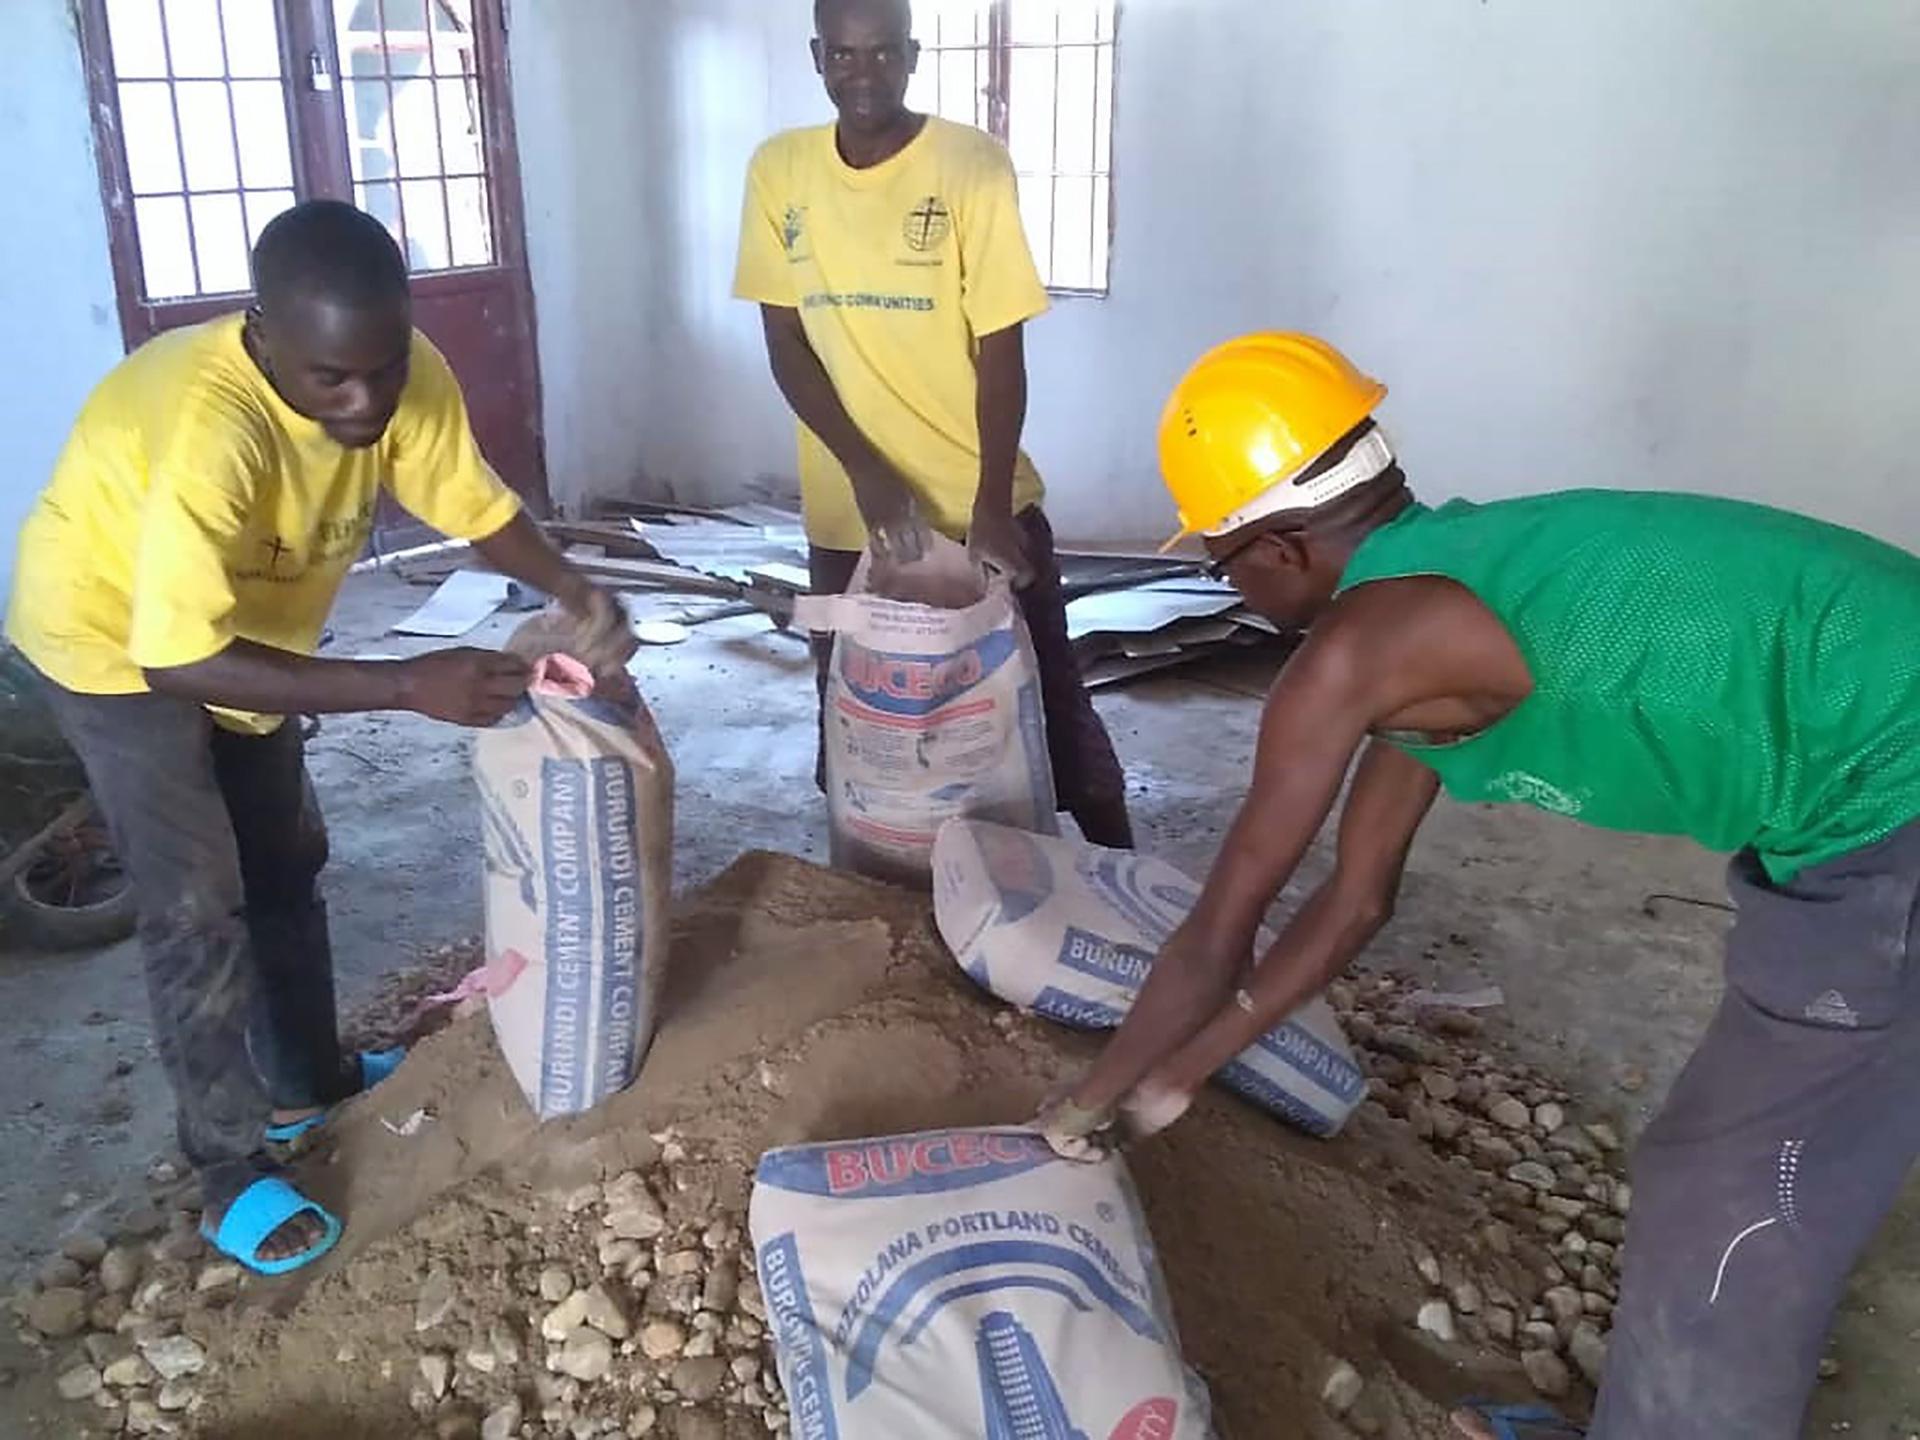 Mobiele opleiding Burundi